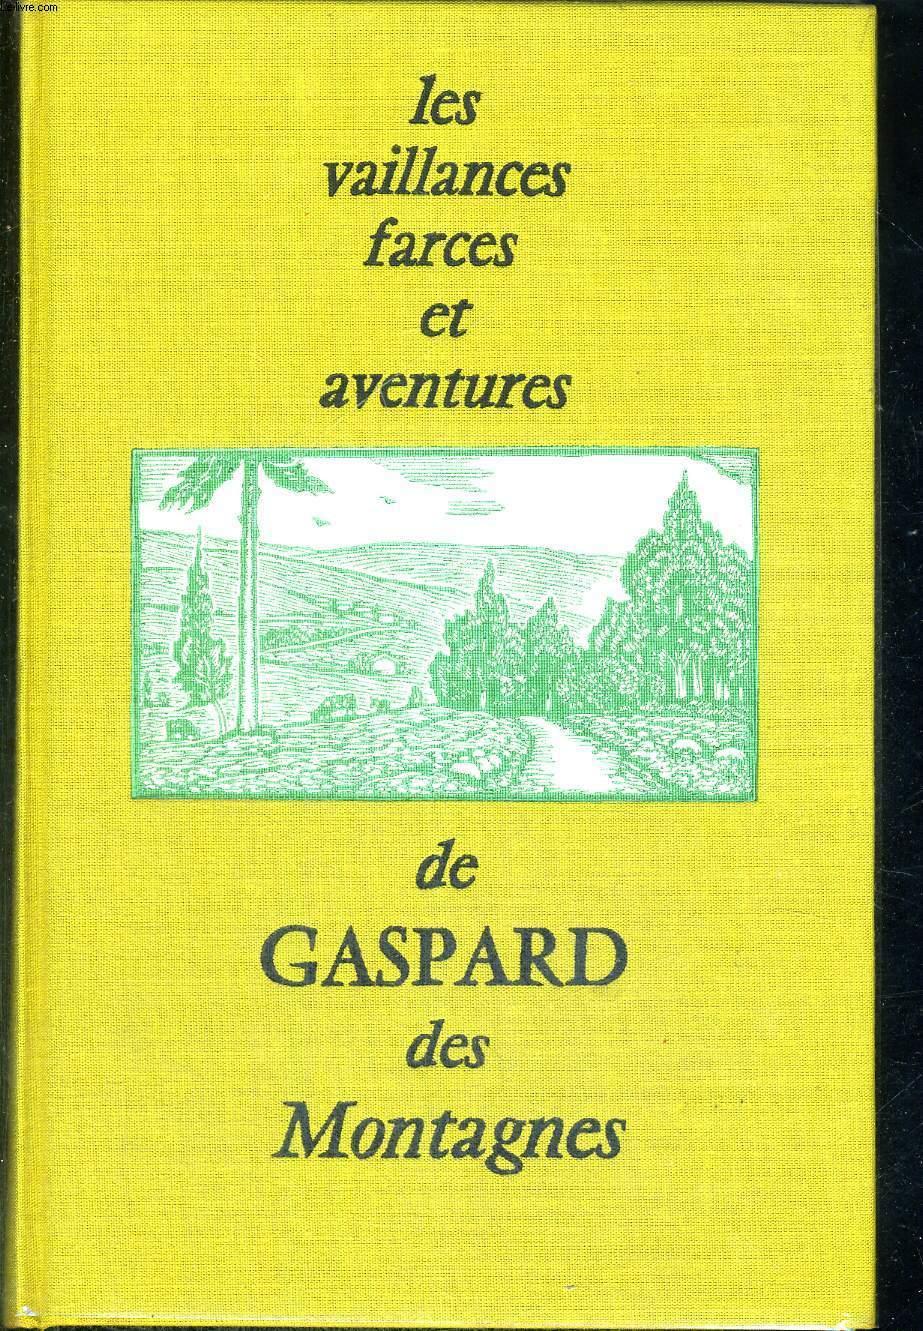 LES VAILLANCES, FARCES ET AVENTURES DE GASPARD DES MONTAGNES - EDITION DEFINITIVE